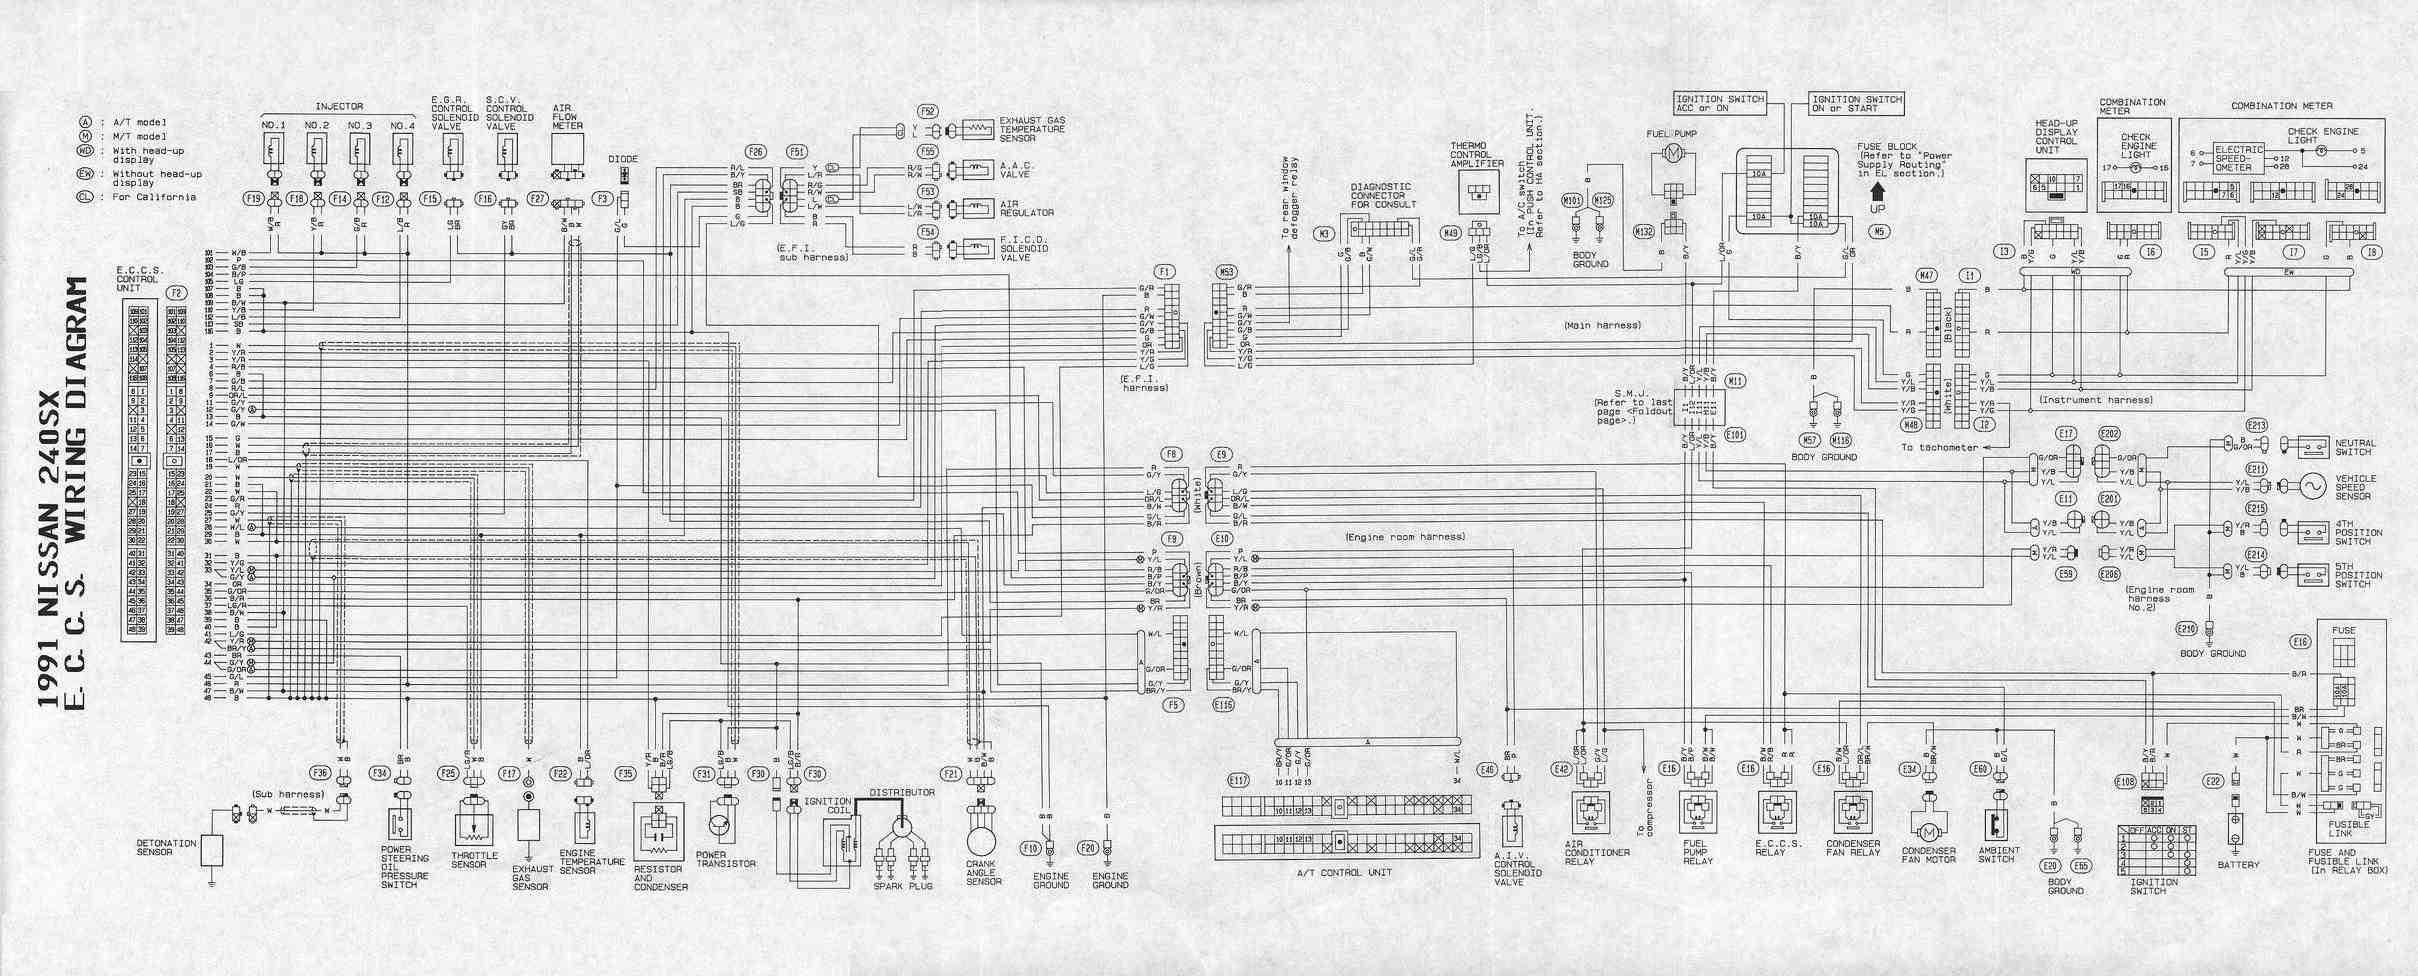 93 nissan 240sx fuse box diagram wiring diagram rh 48 yoga neuwied de